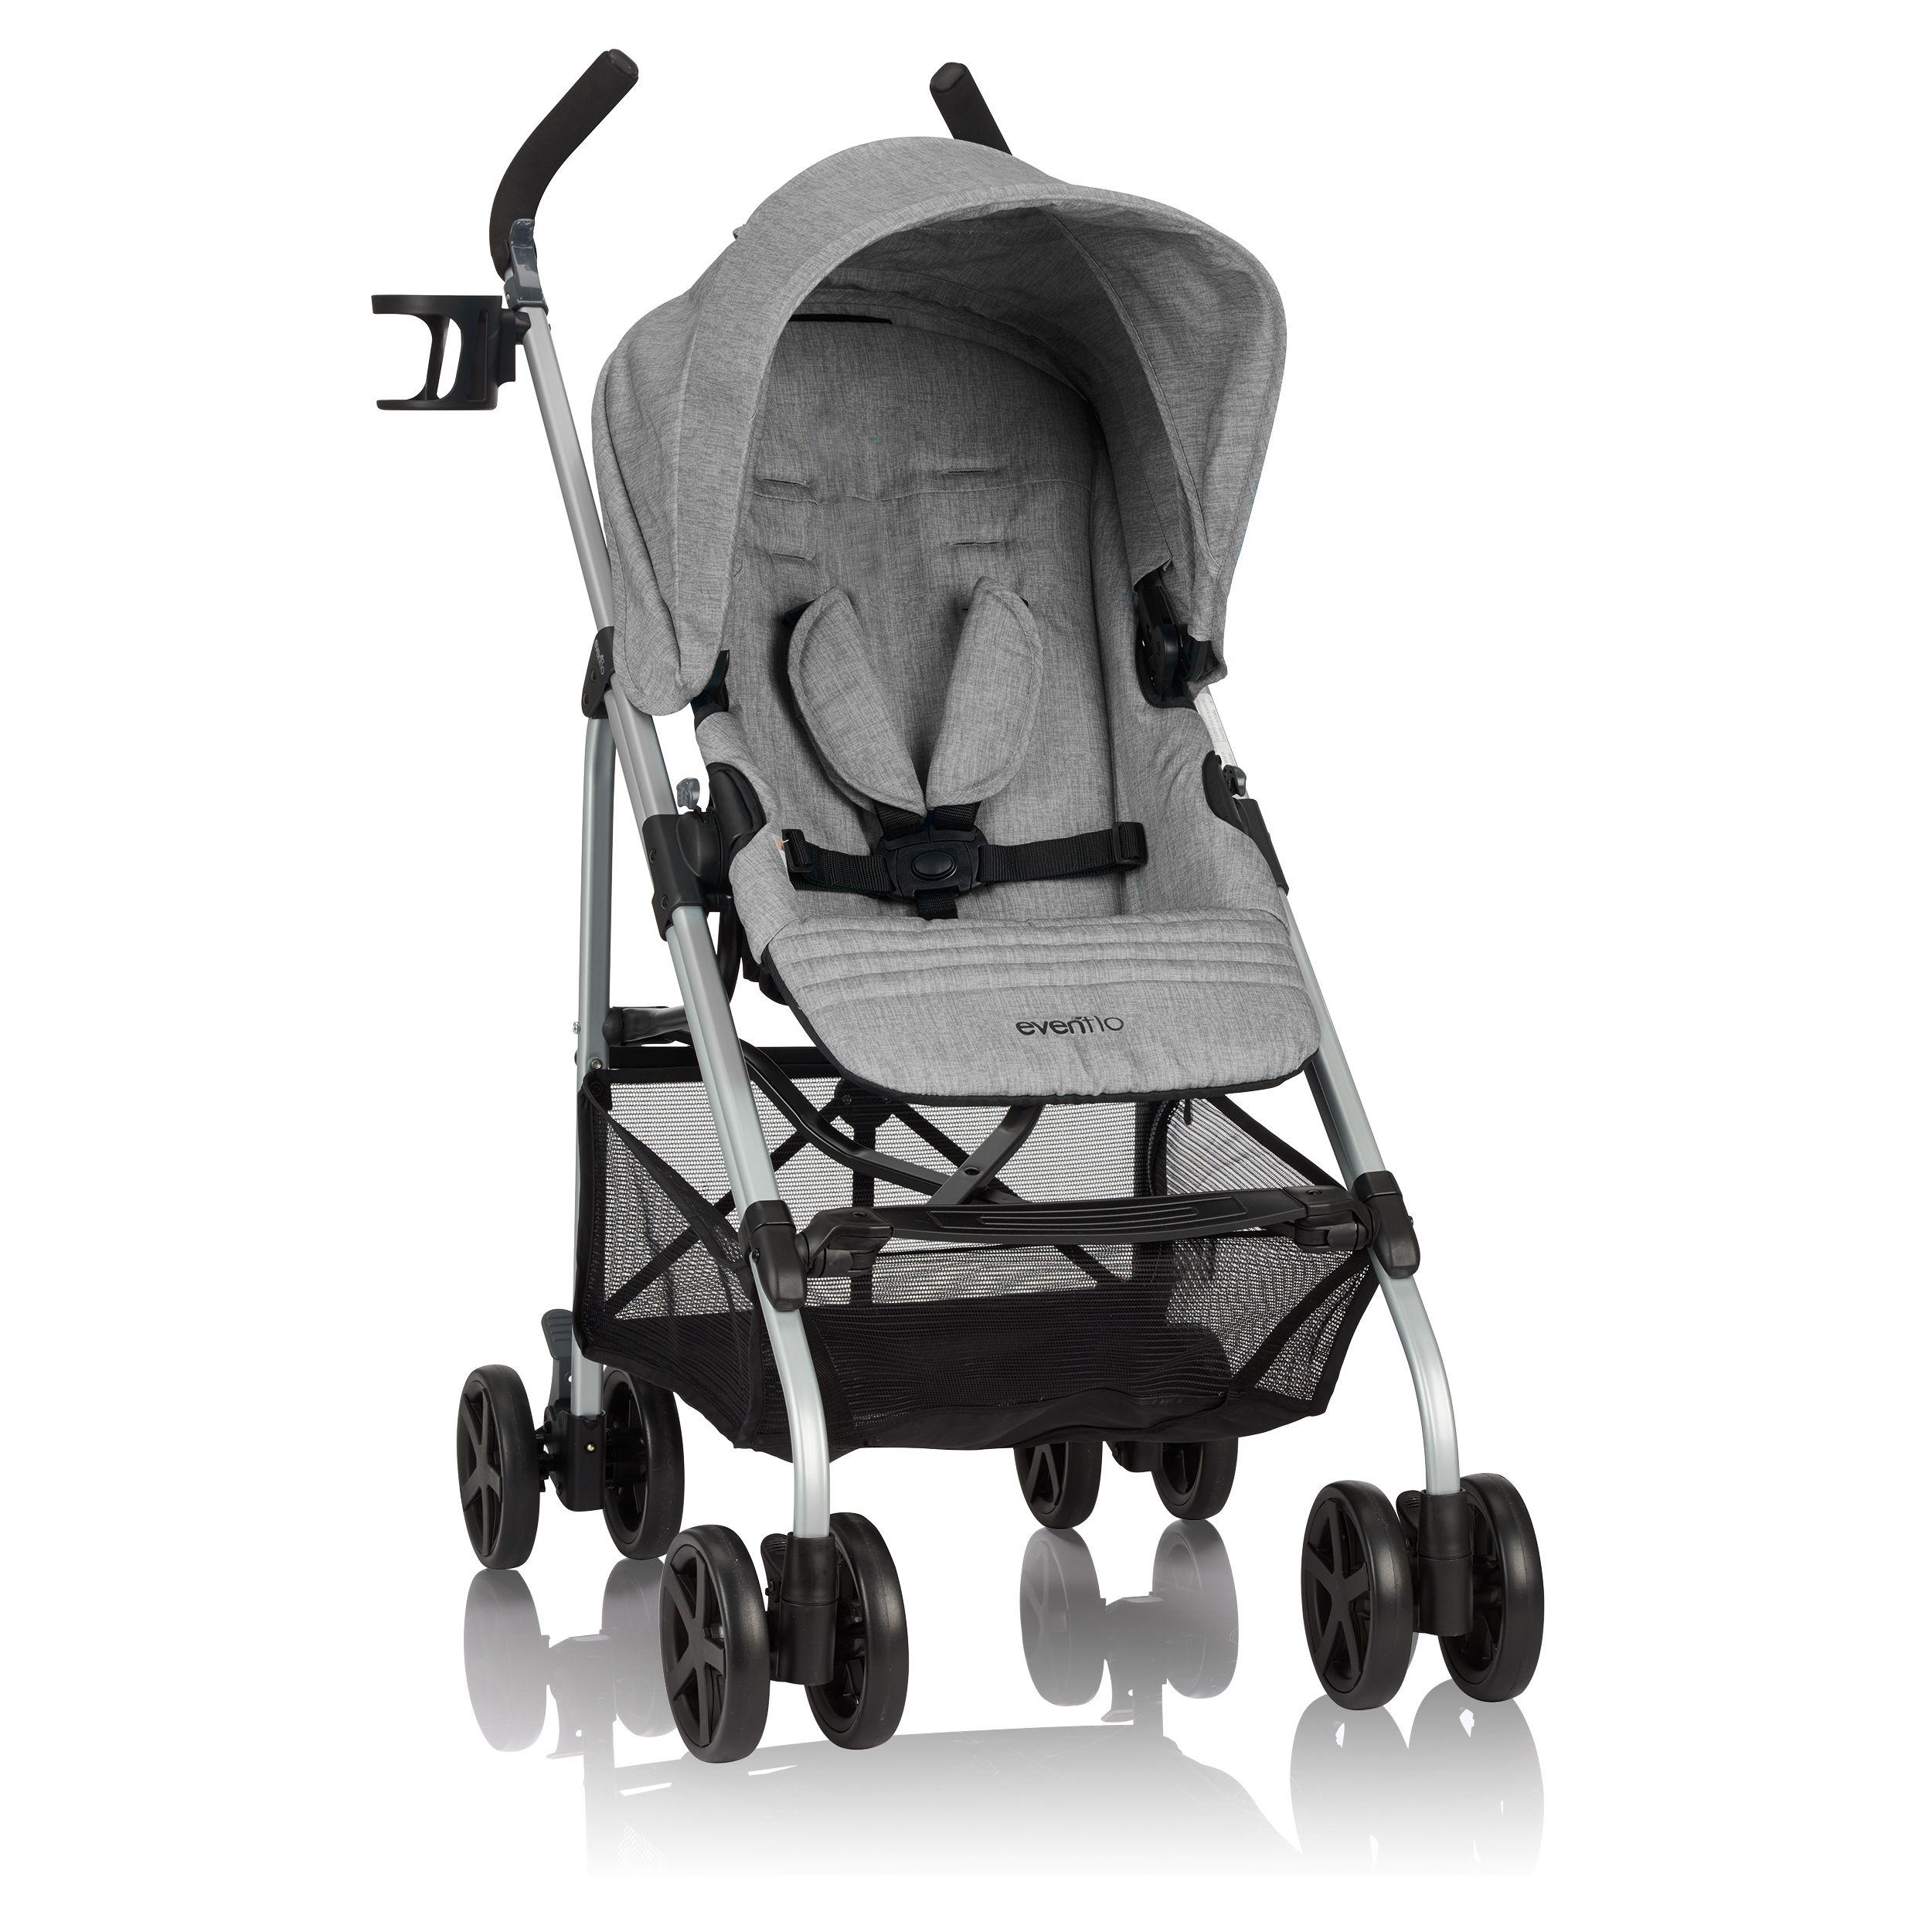 34++ Evenflo urbini stroller walmart ideas in 2021